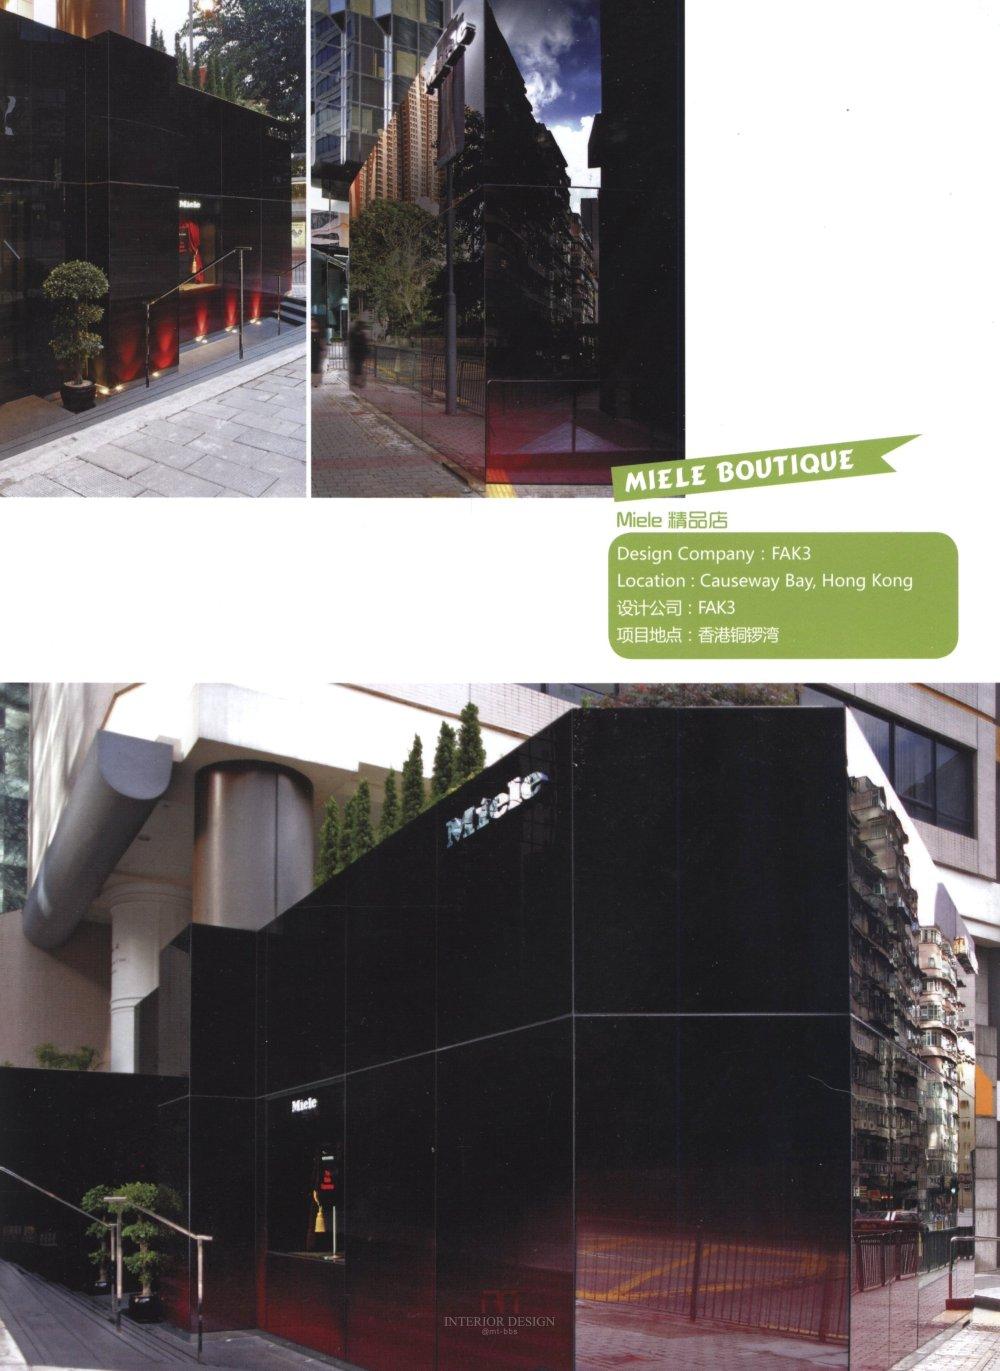 商业店铺、门头设计_kebi 0307.jpg